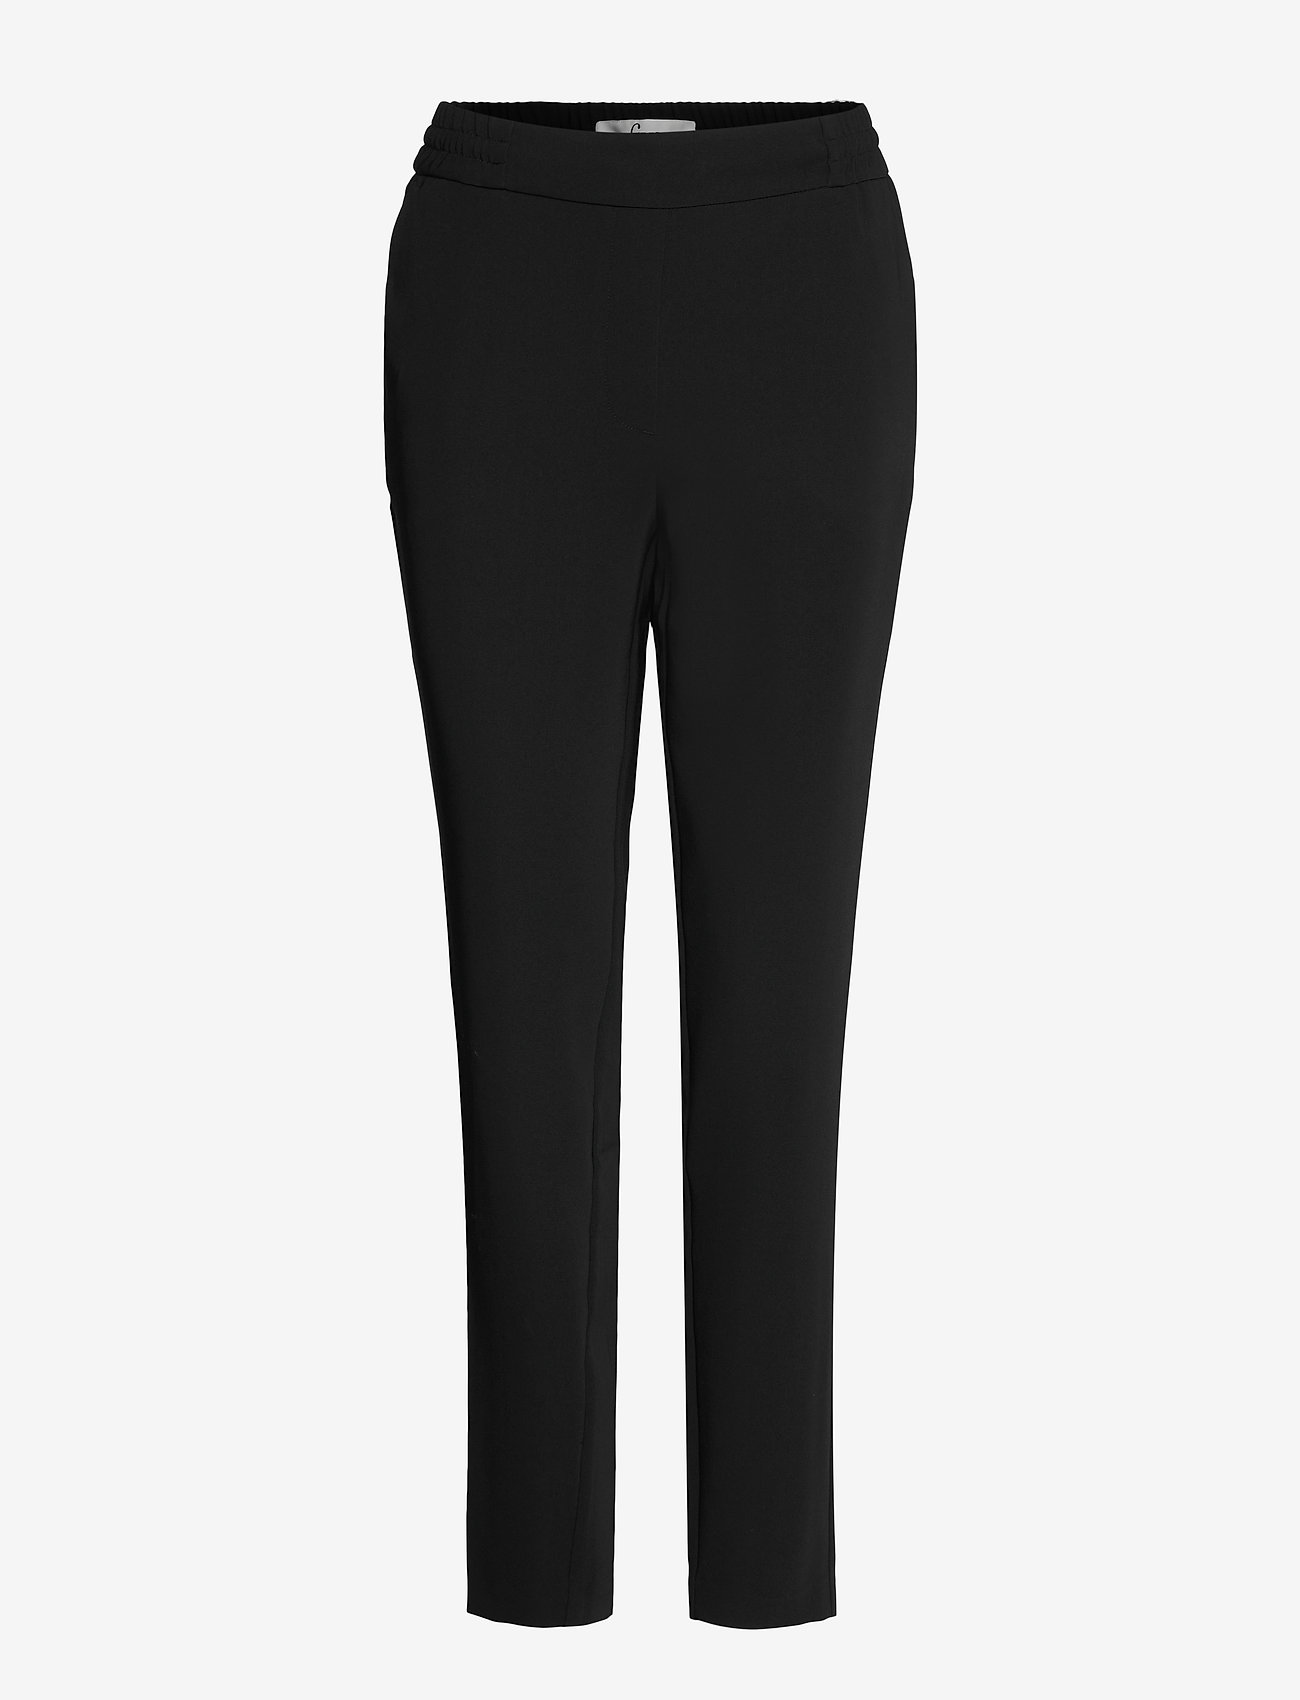 FIVEUNITS - Freja 576 - sweatpants - black - 0